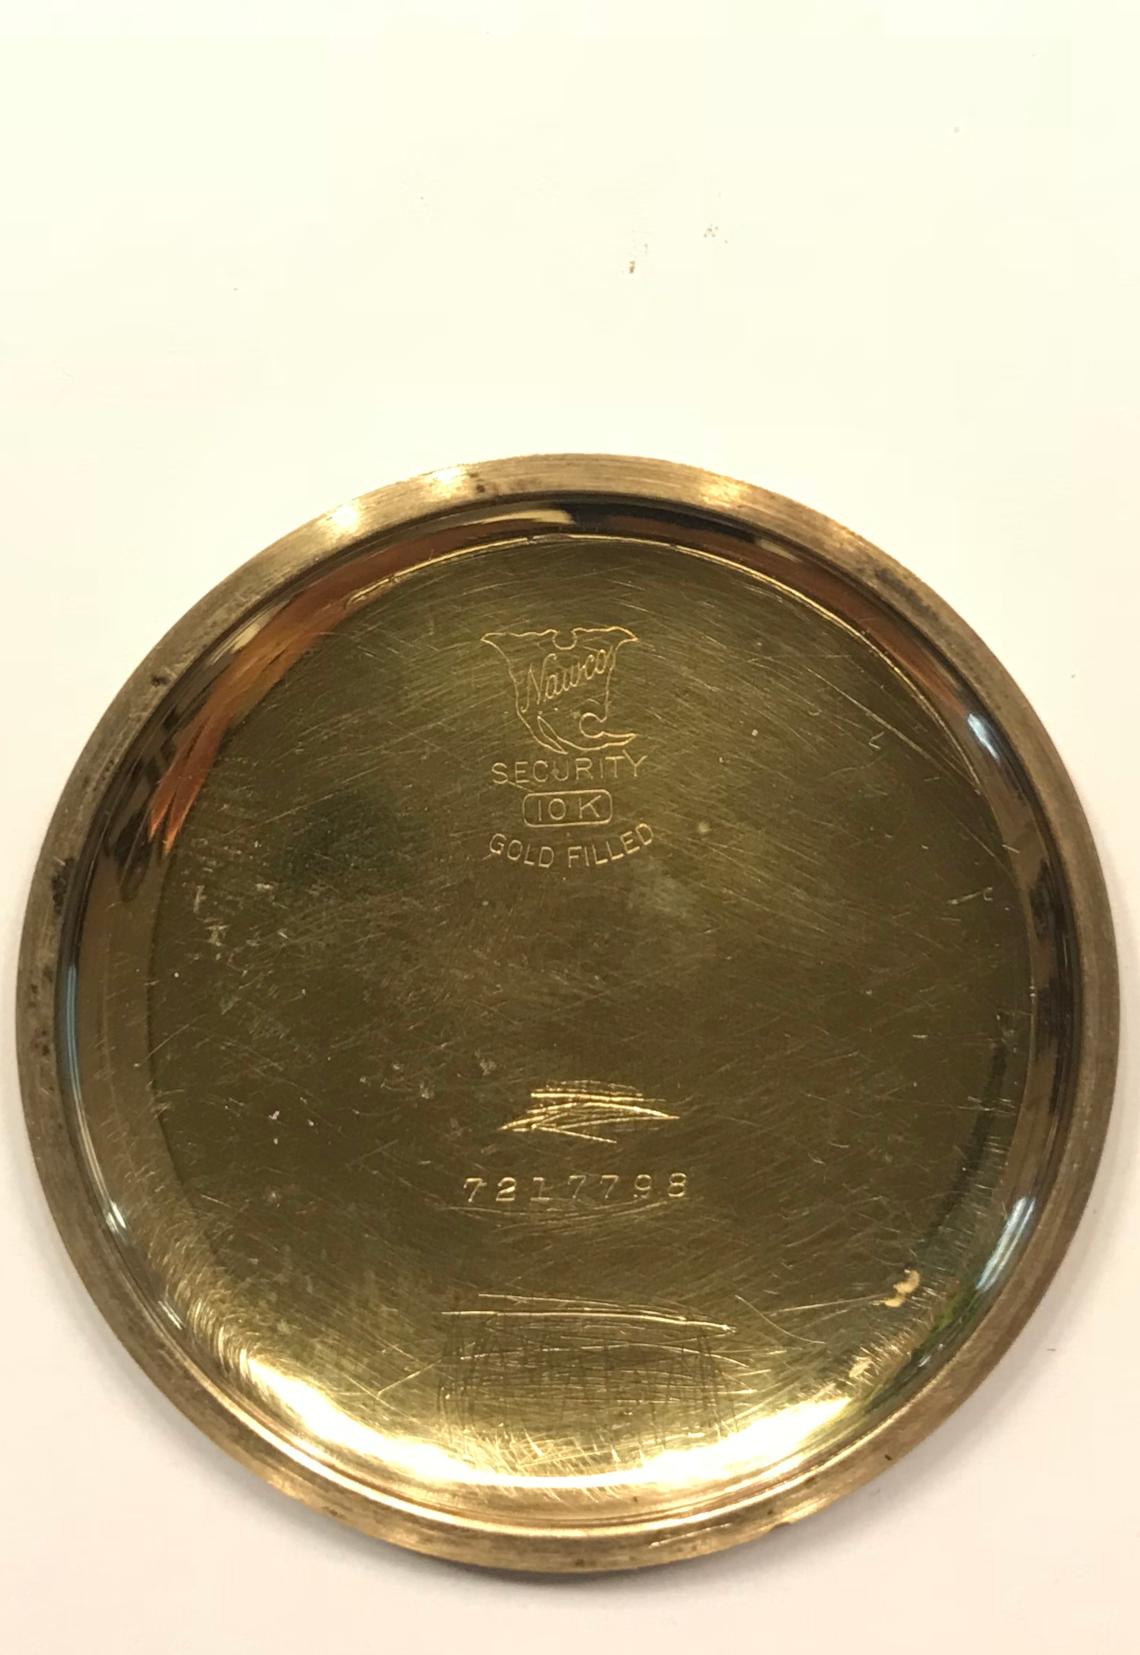 a64e45e59 DATACIÓN HISTÓRICA. Siglo XX, circa 1918. PAÍS EEUU, Springfield.  DESCRIPCIÓN. Reloj de bolsillo de la marca ILLINOIS WATCH Co. ...